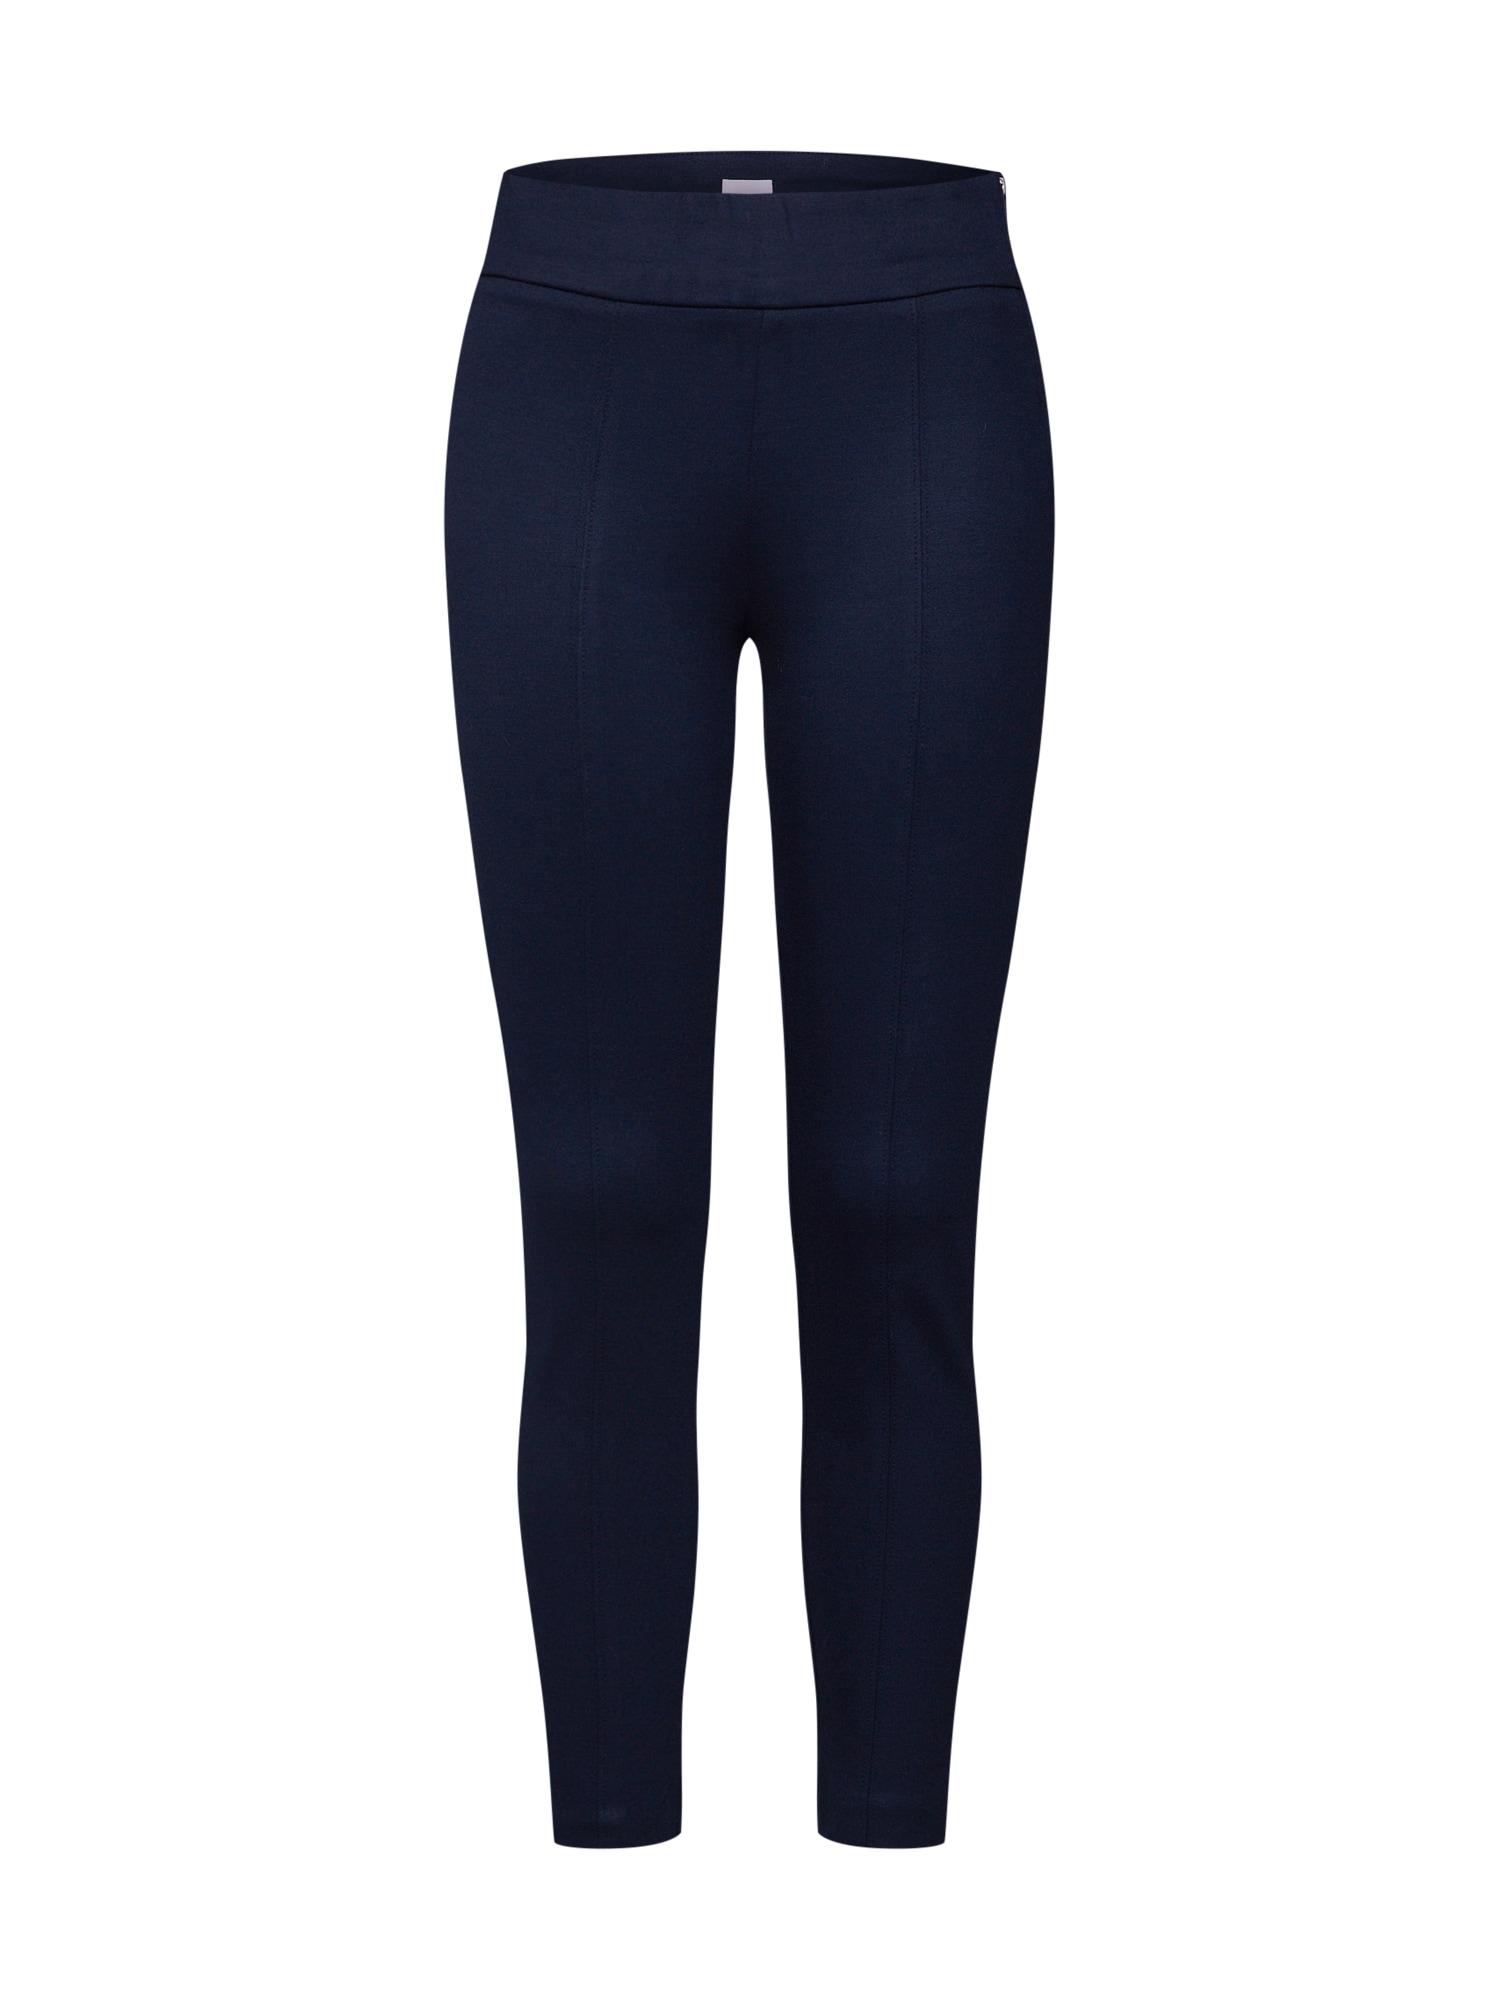 Kalhoty SIDE ZIP LEGGING námořnická modř GAP